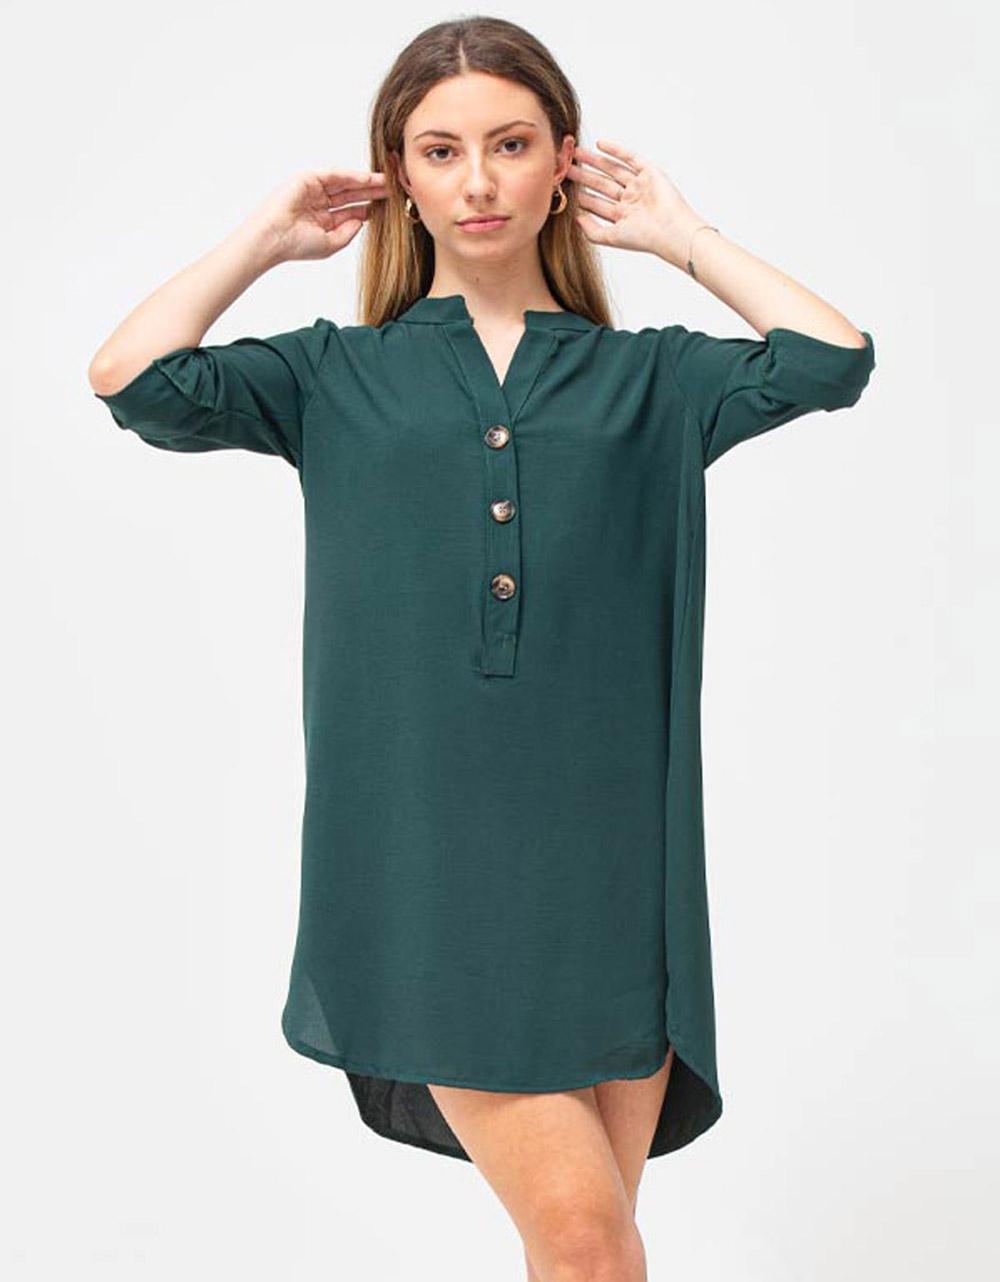 Εικόνα από Γυναικείο πουκάμισο φόρεμα με κουμπιά Πράσινο